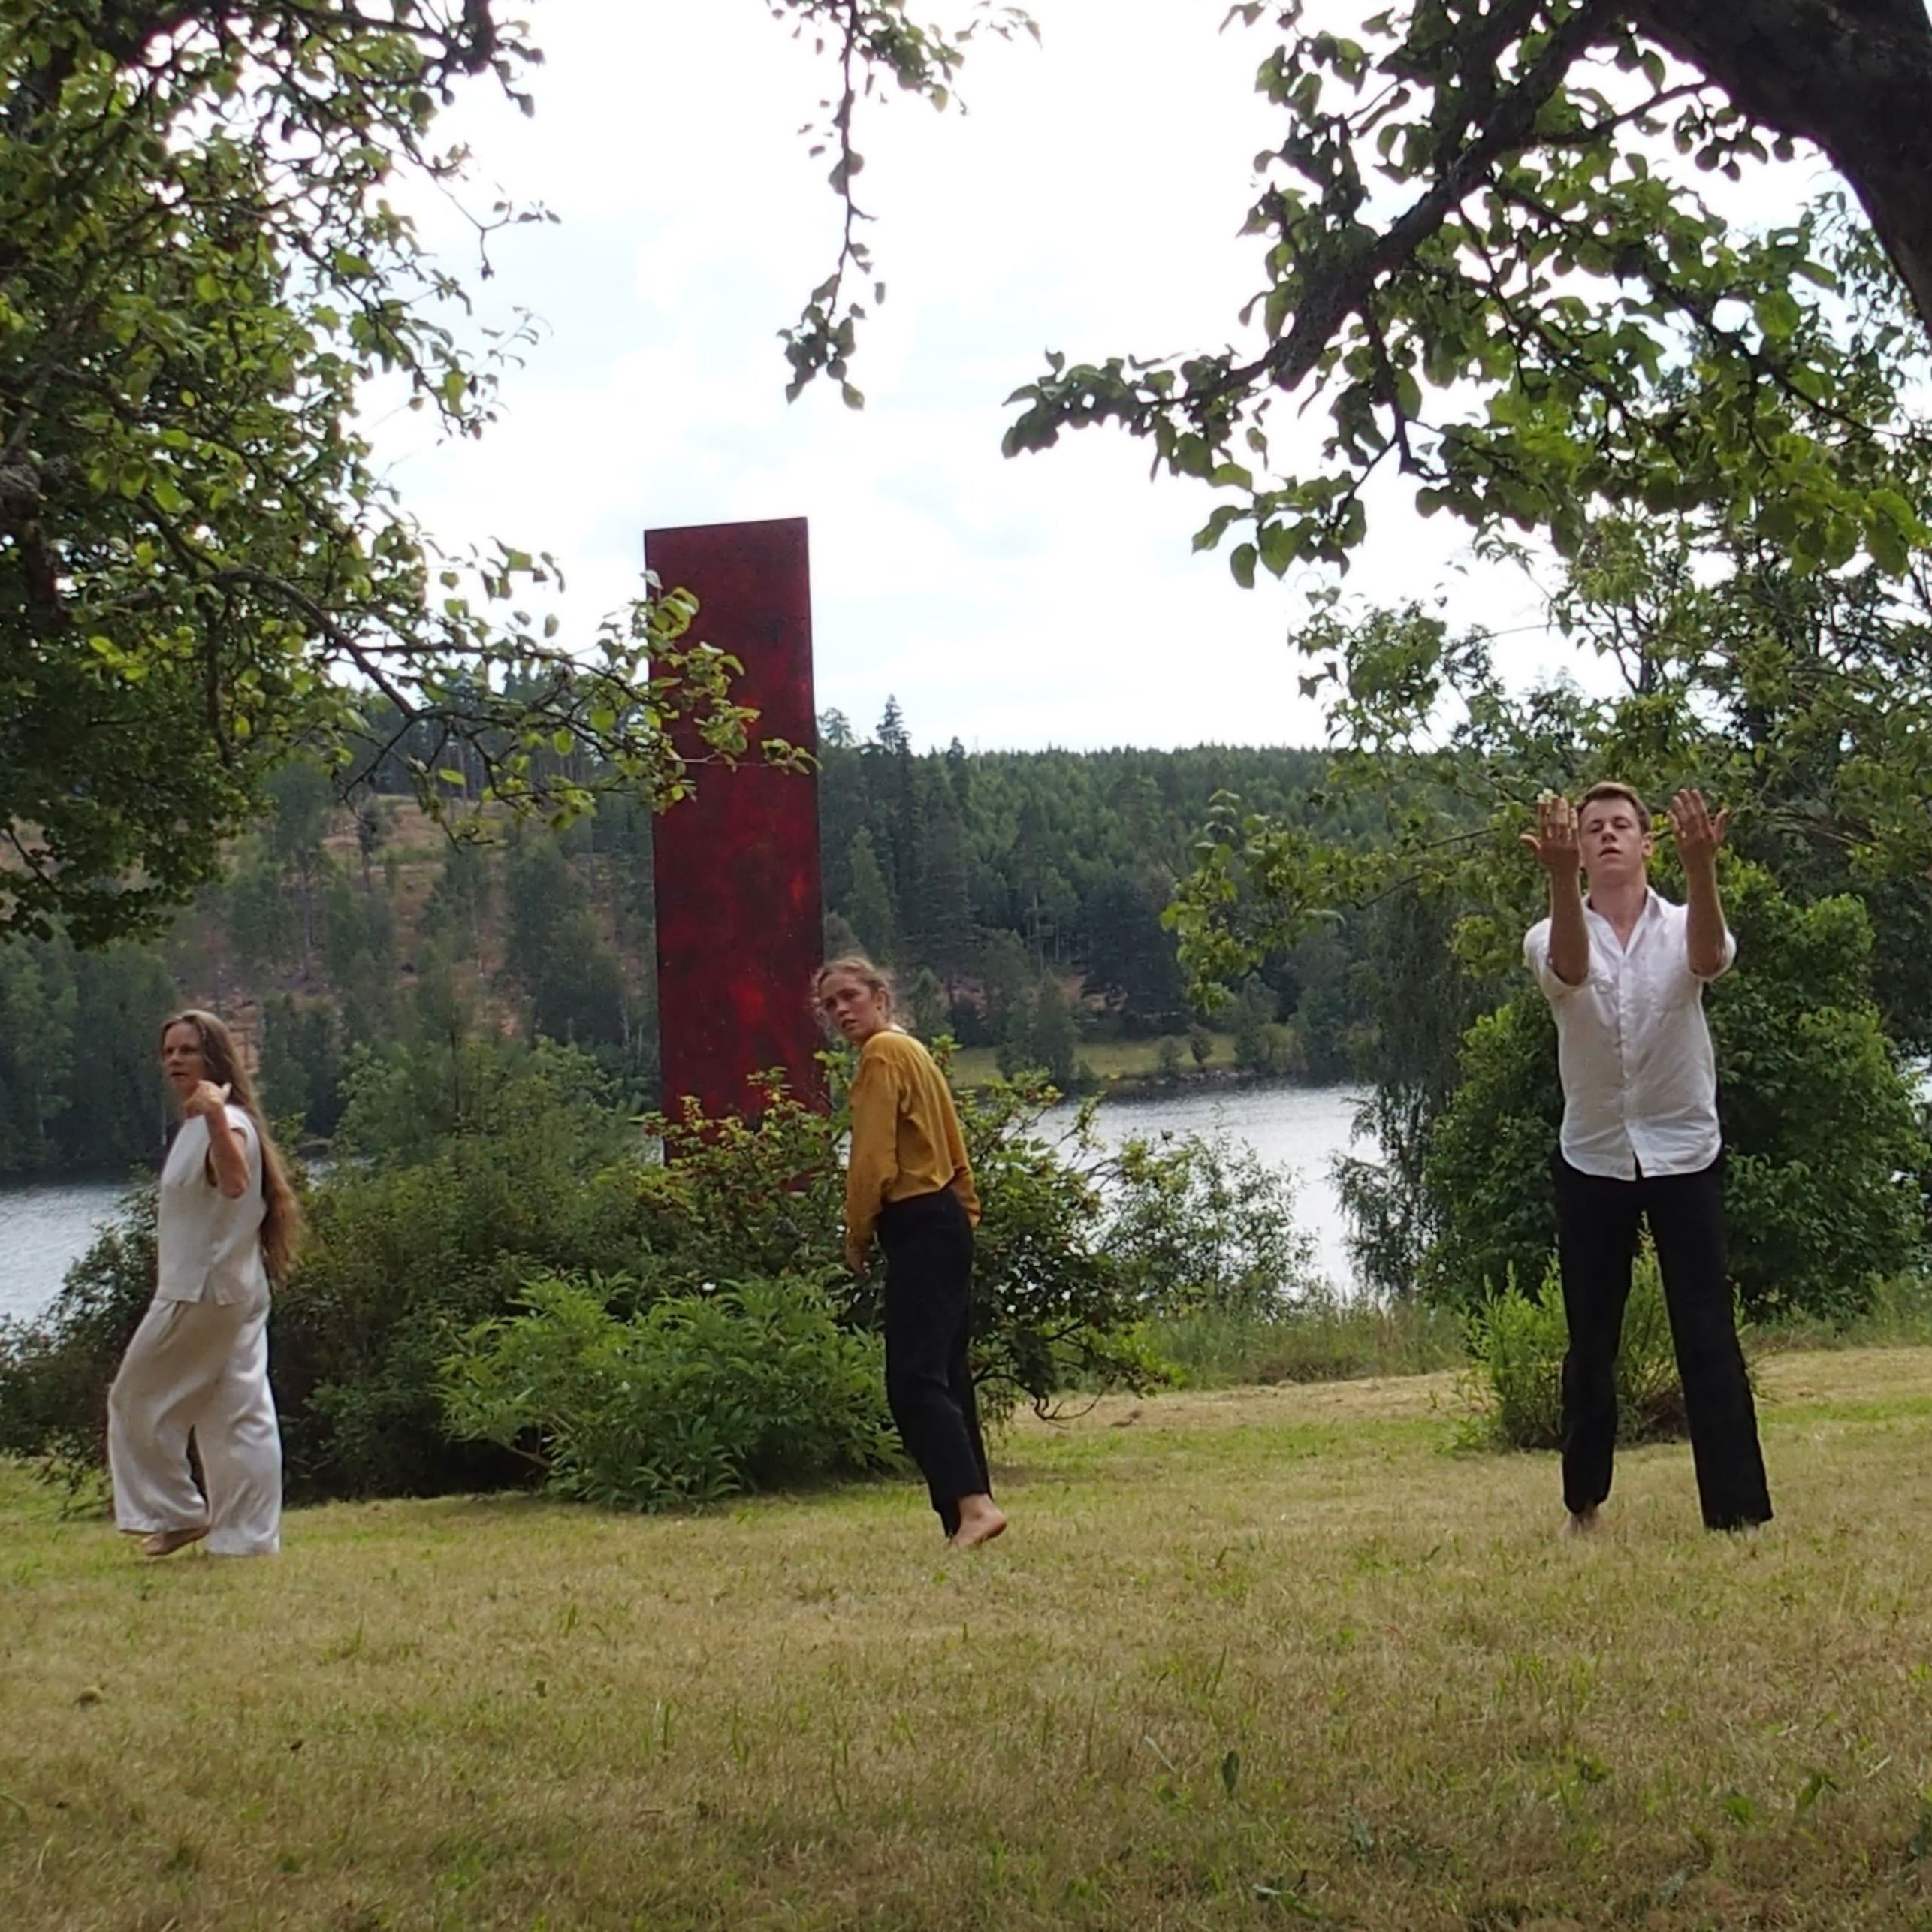 Ny dansföreställning i Trädgården - Att leva nära livet – Vild